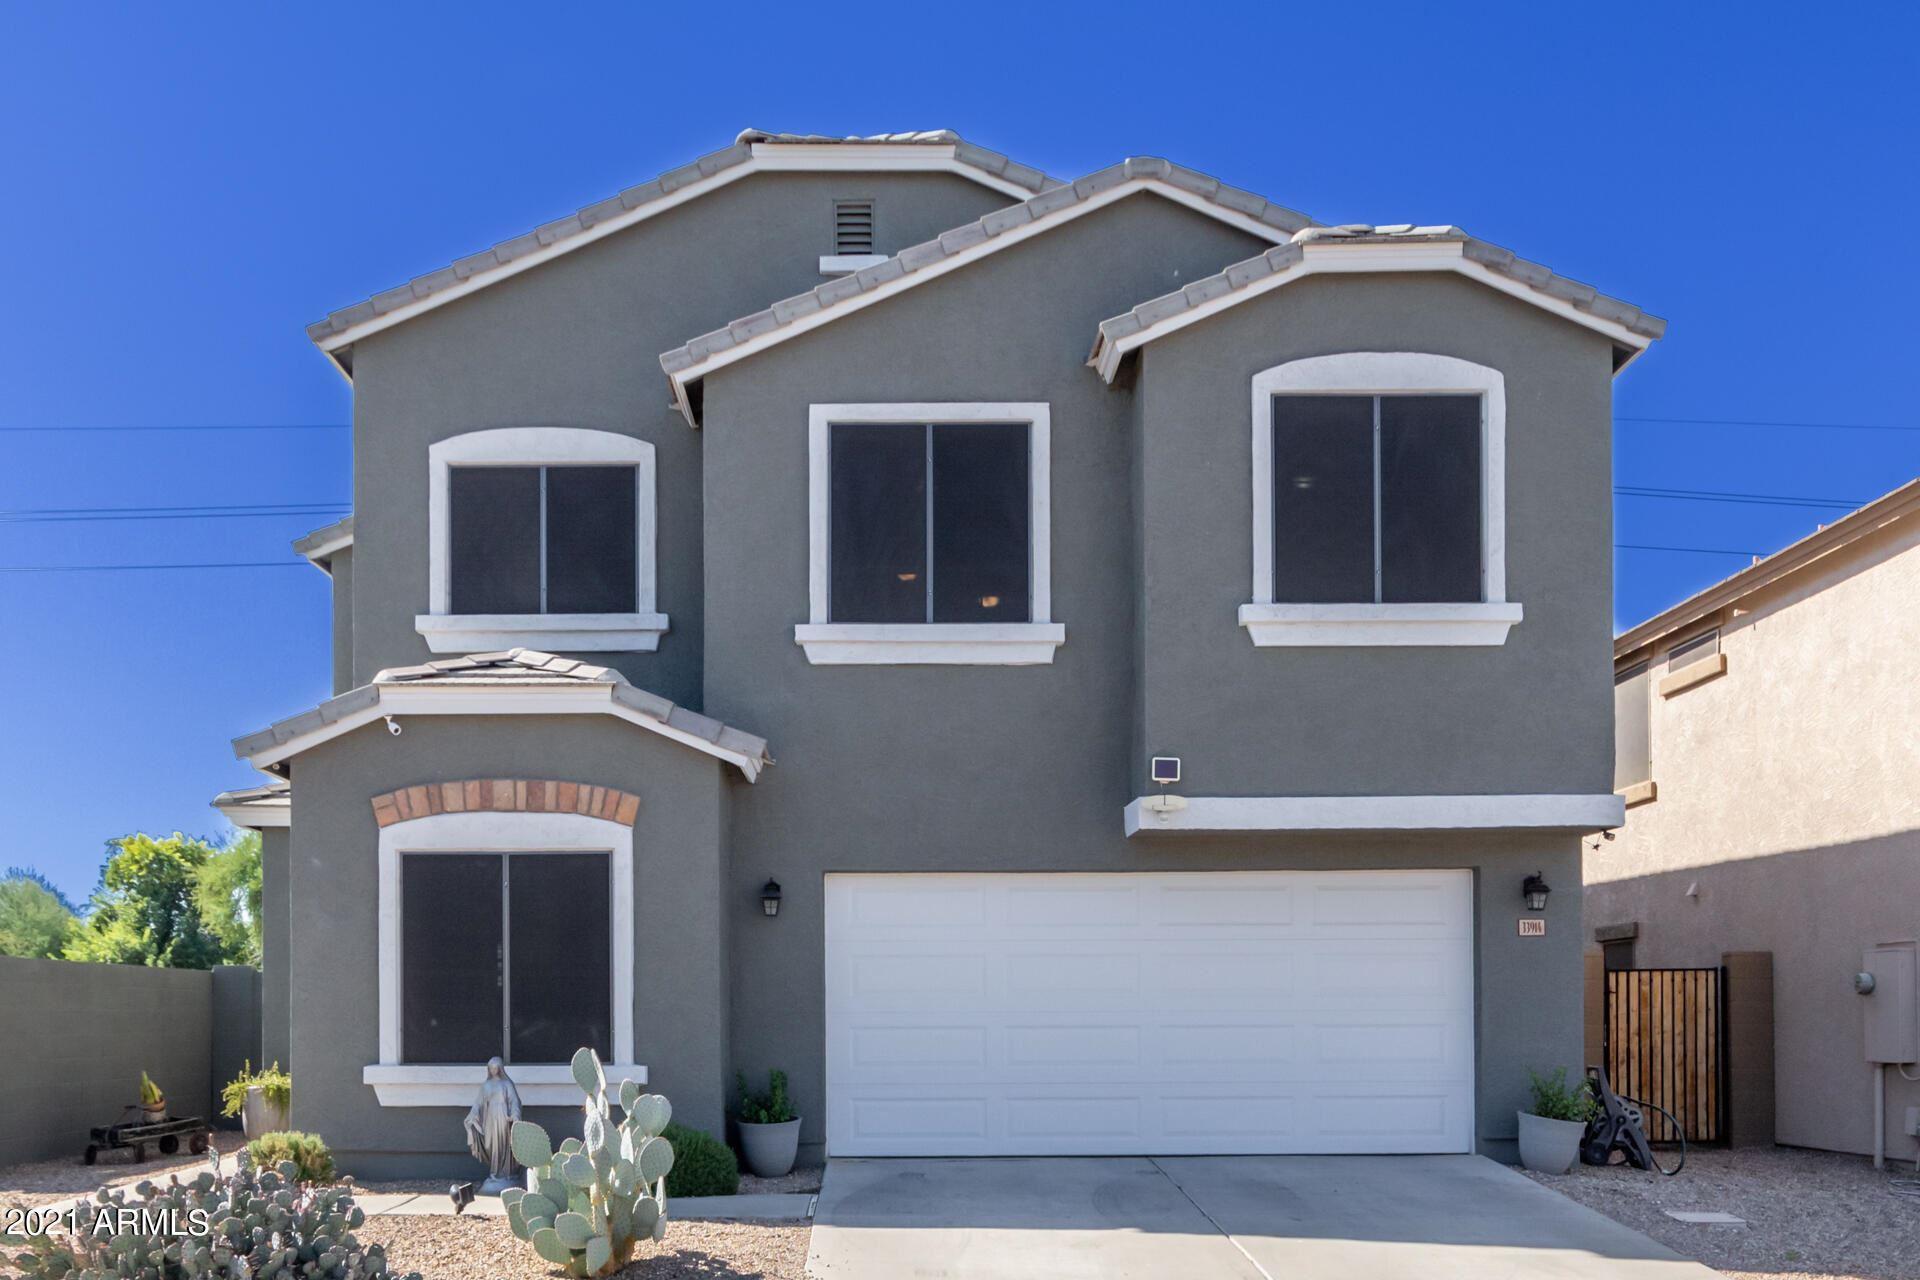 Photo of 33914 N COBBLE STONE Drive, San Tan Valley, AZ 85143 (MLS # 6307476)